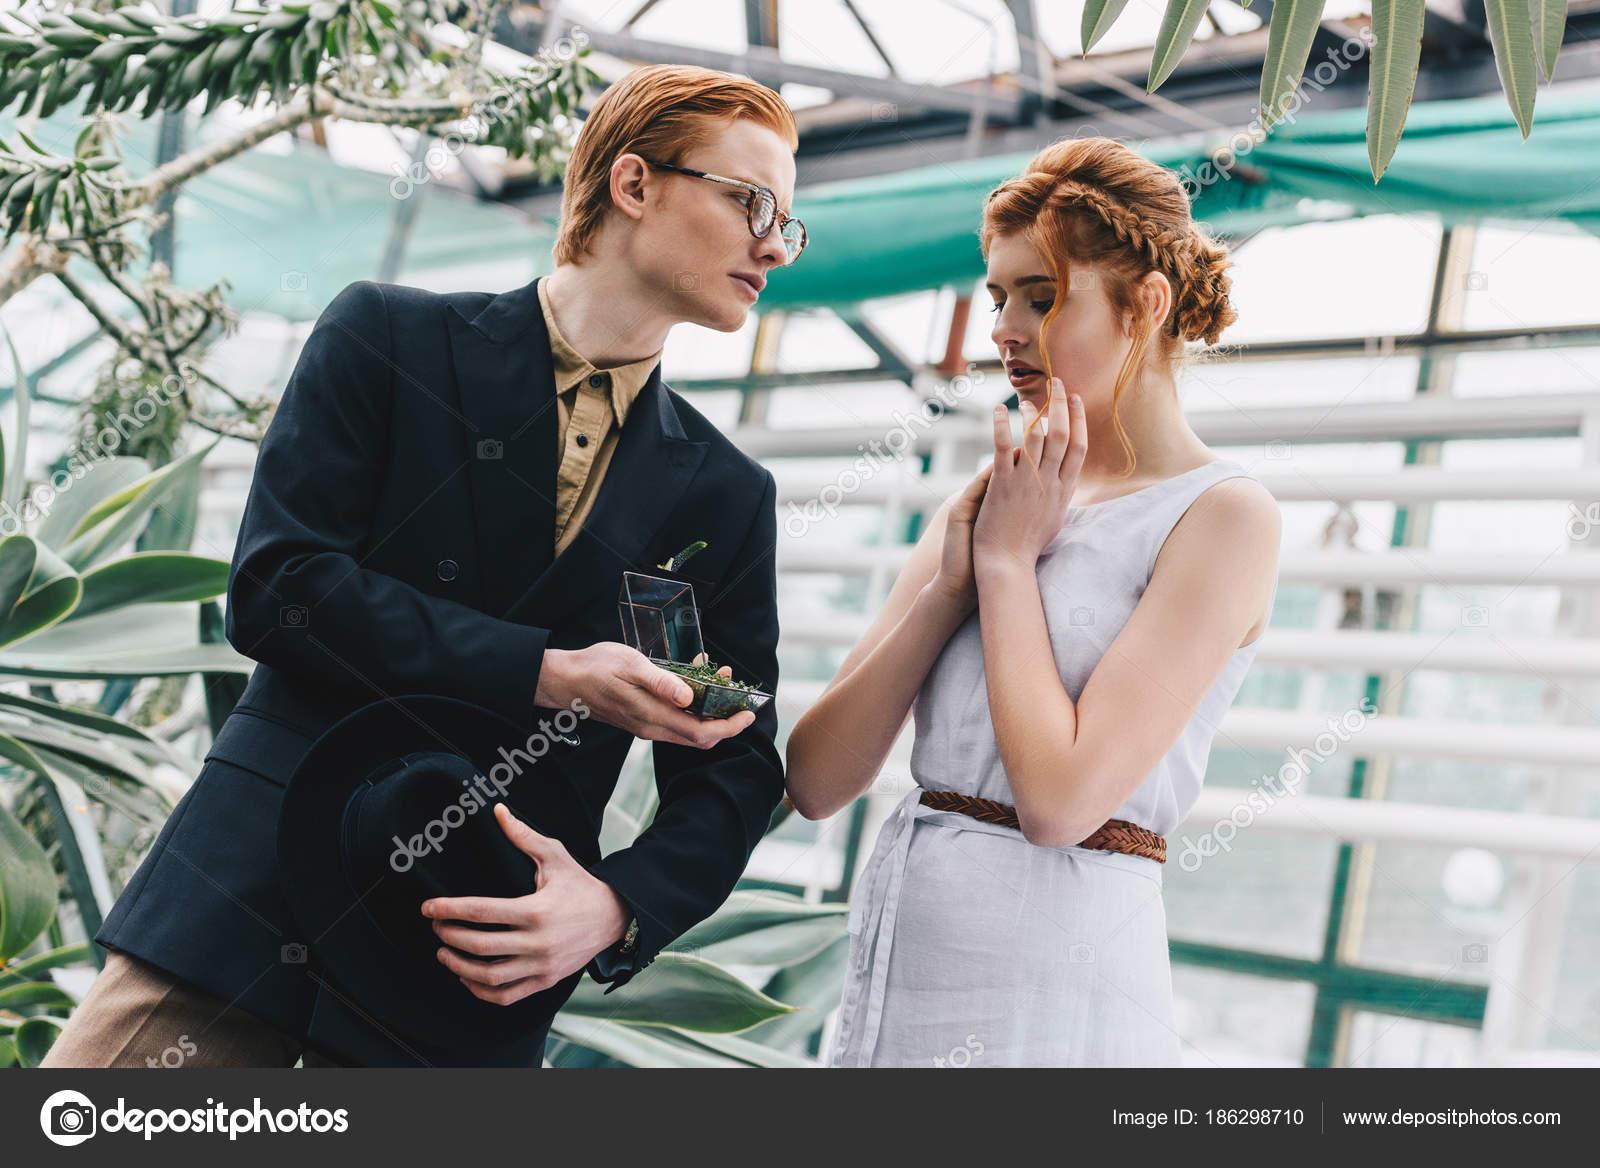 Stylish Young Man Jewelry Box Making Proposal Beautiful Surprised